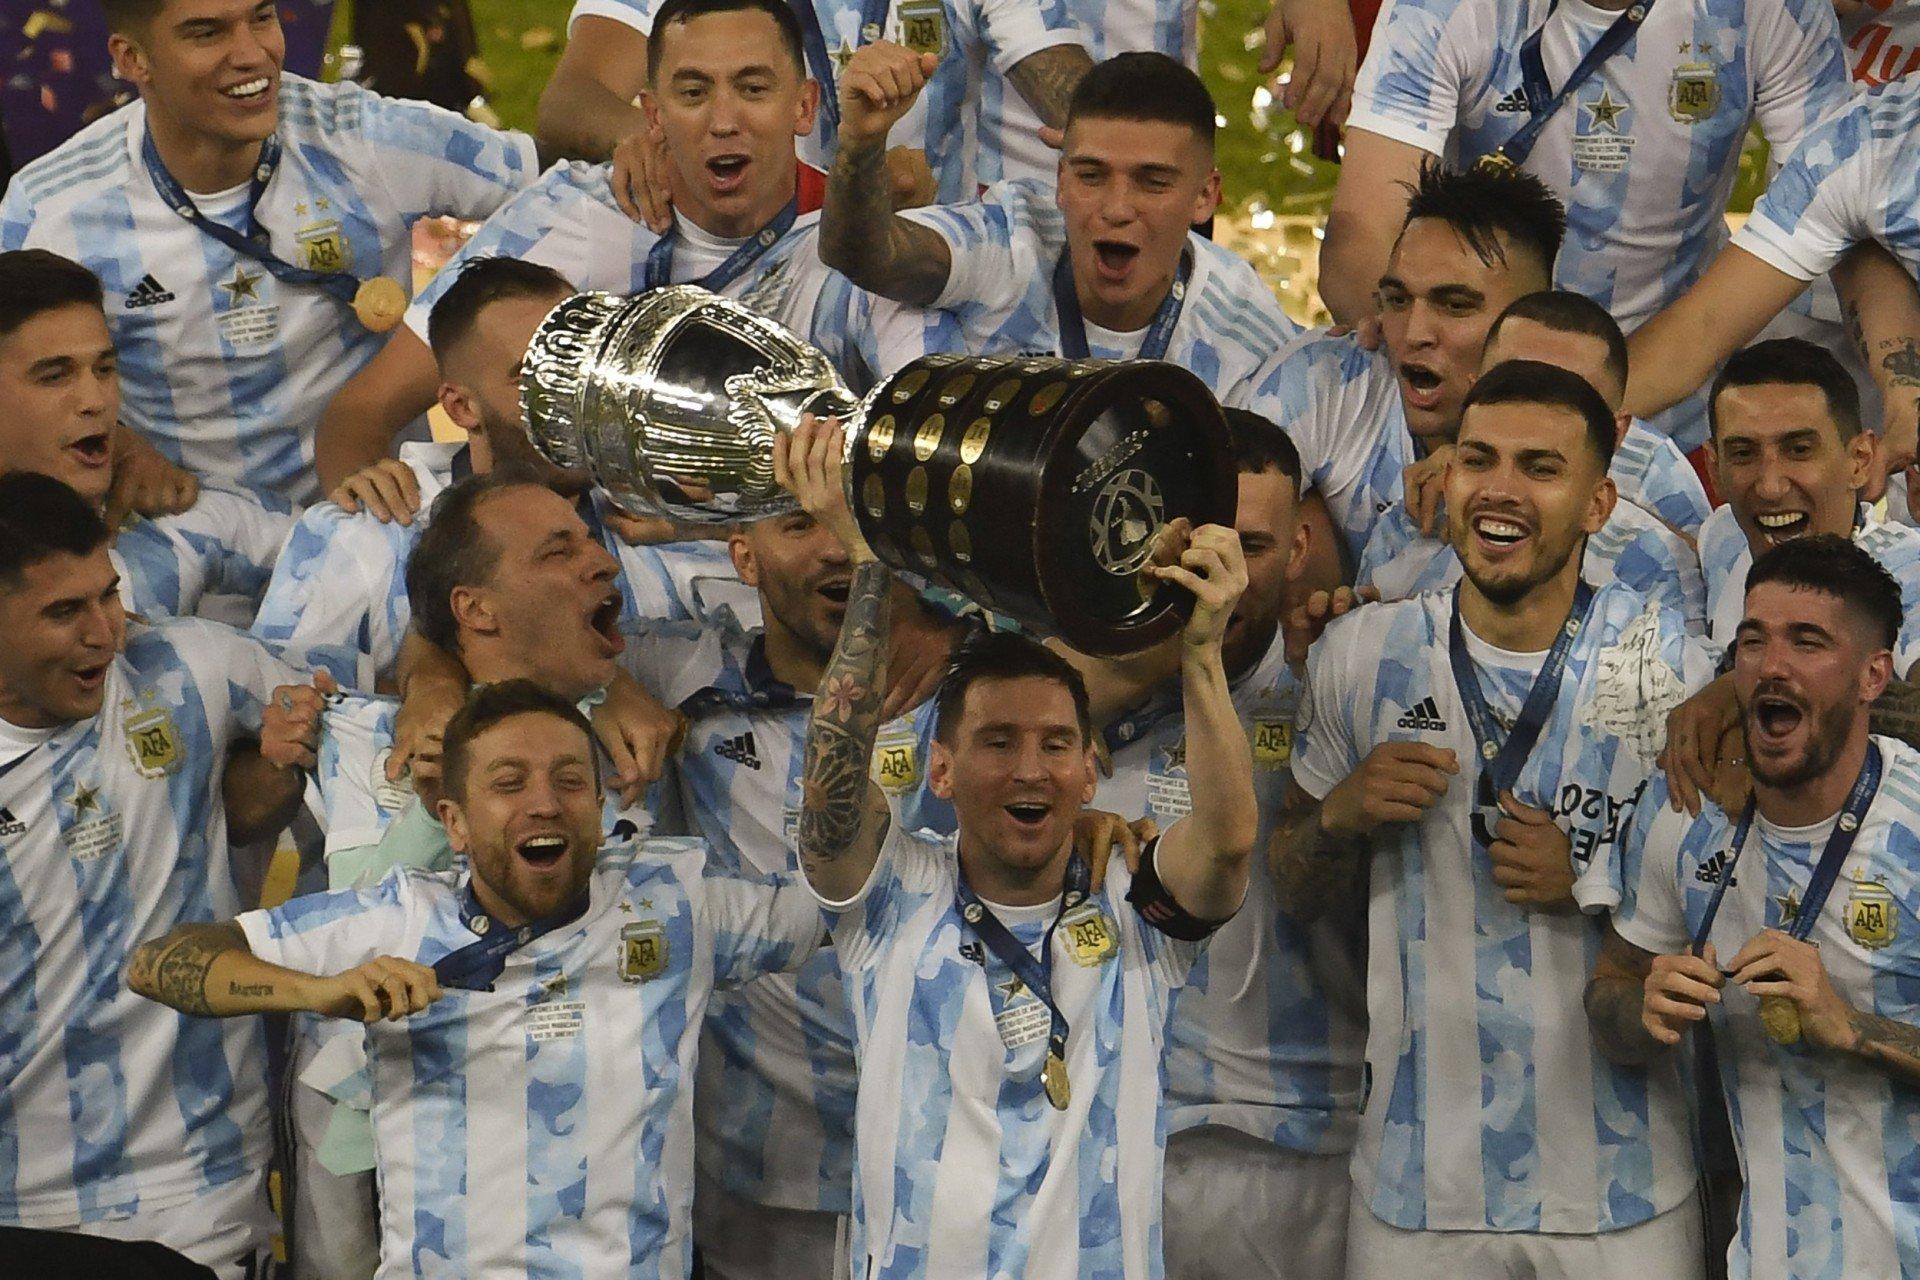 Jornal argentino brinca com brasileiros após vitórias em diferentes esportes: 'Procura-se um rival'